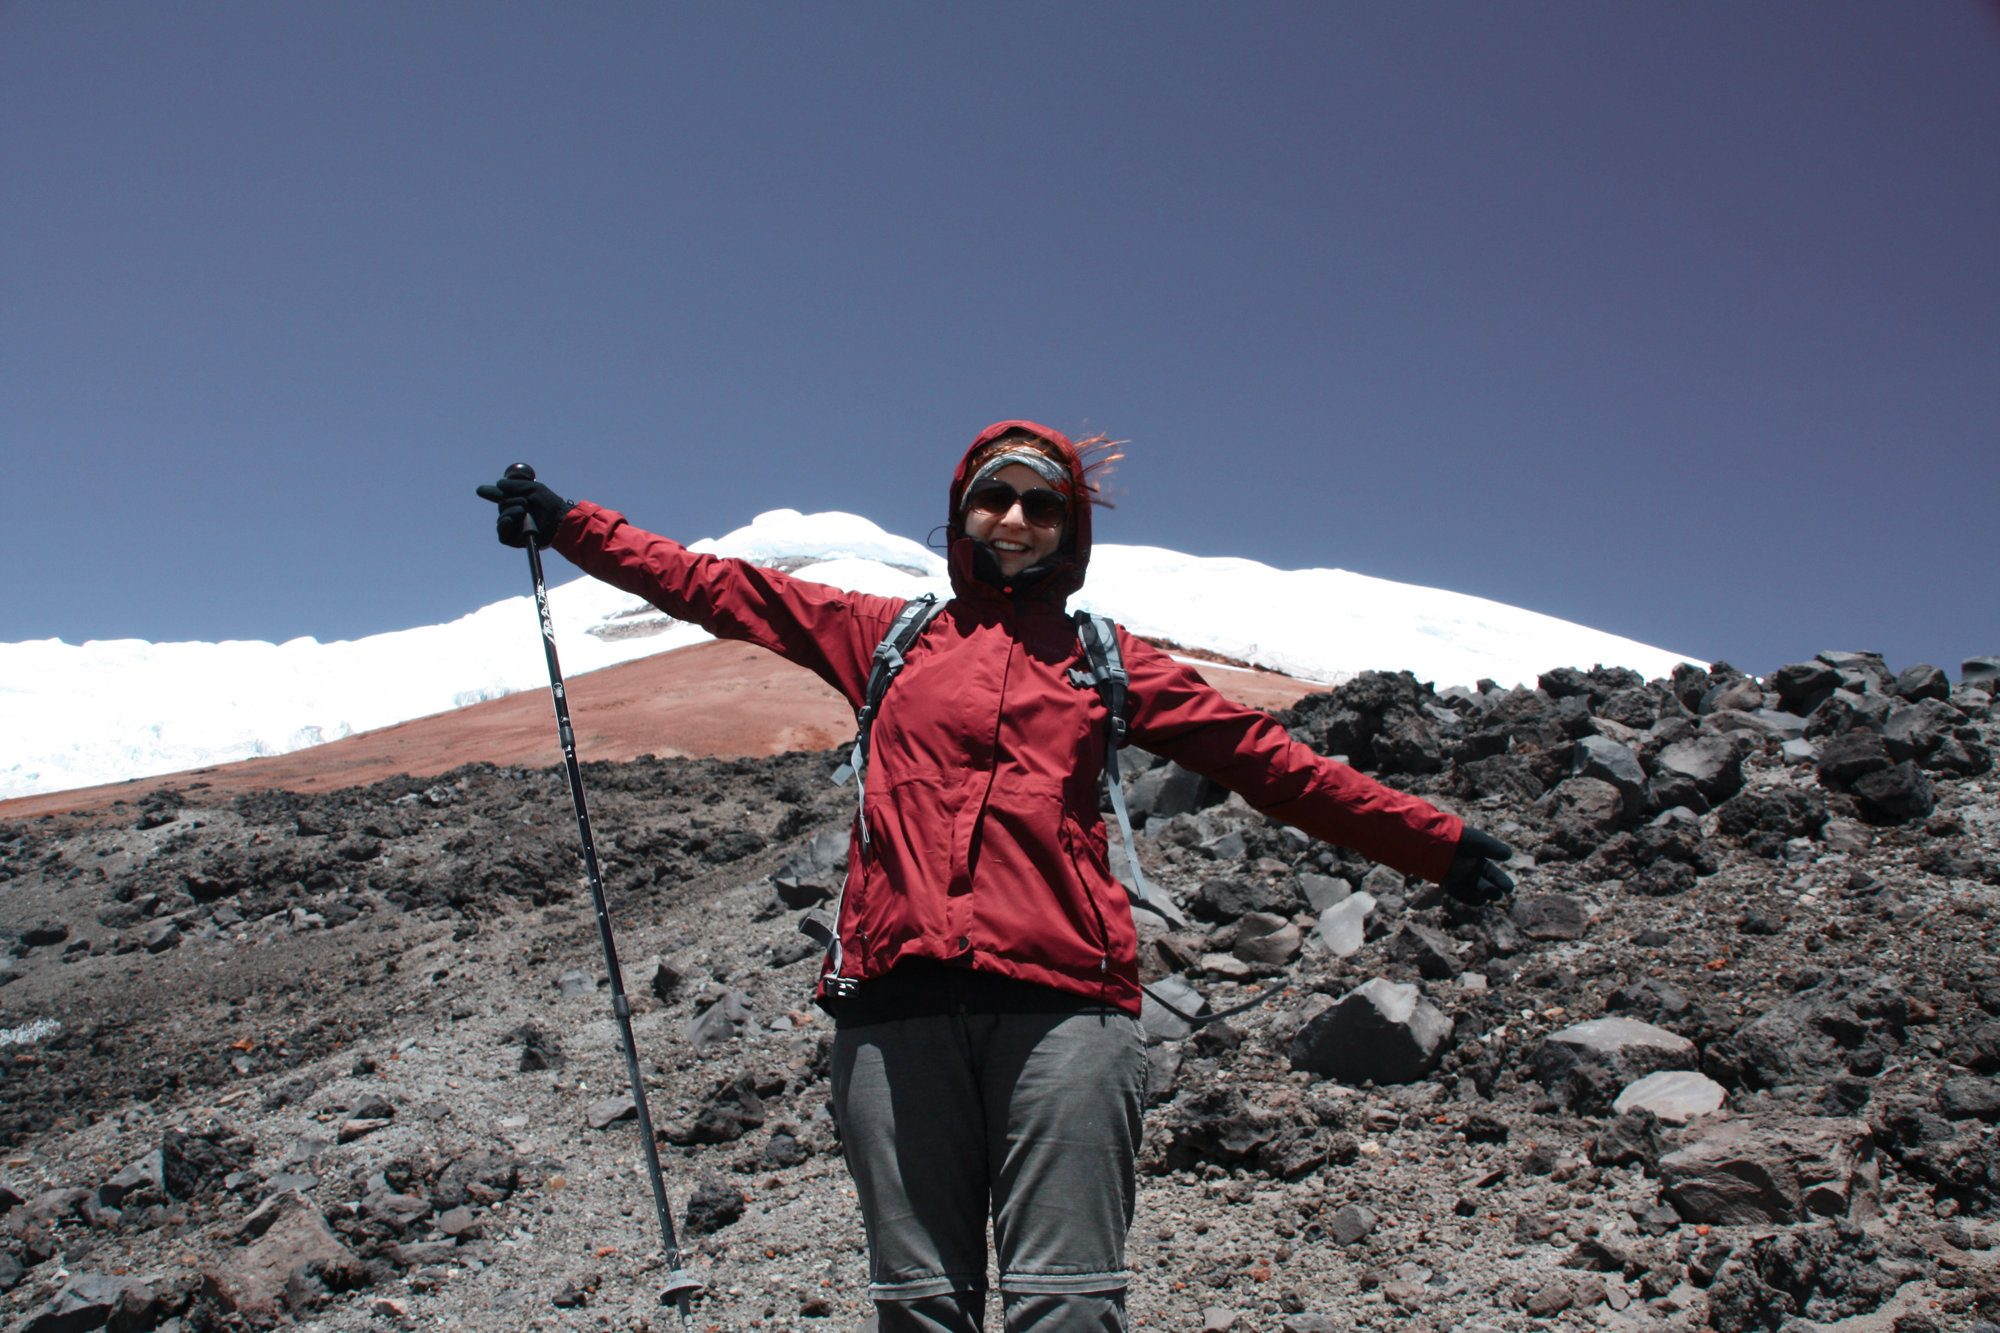 Cotopaxi, Ecuador, Warum die Berge glücklich machen, Bergglück